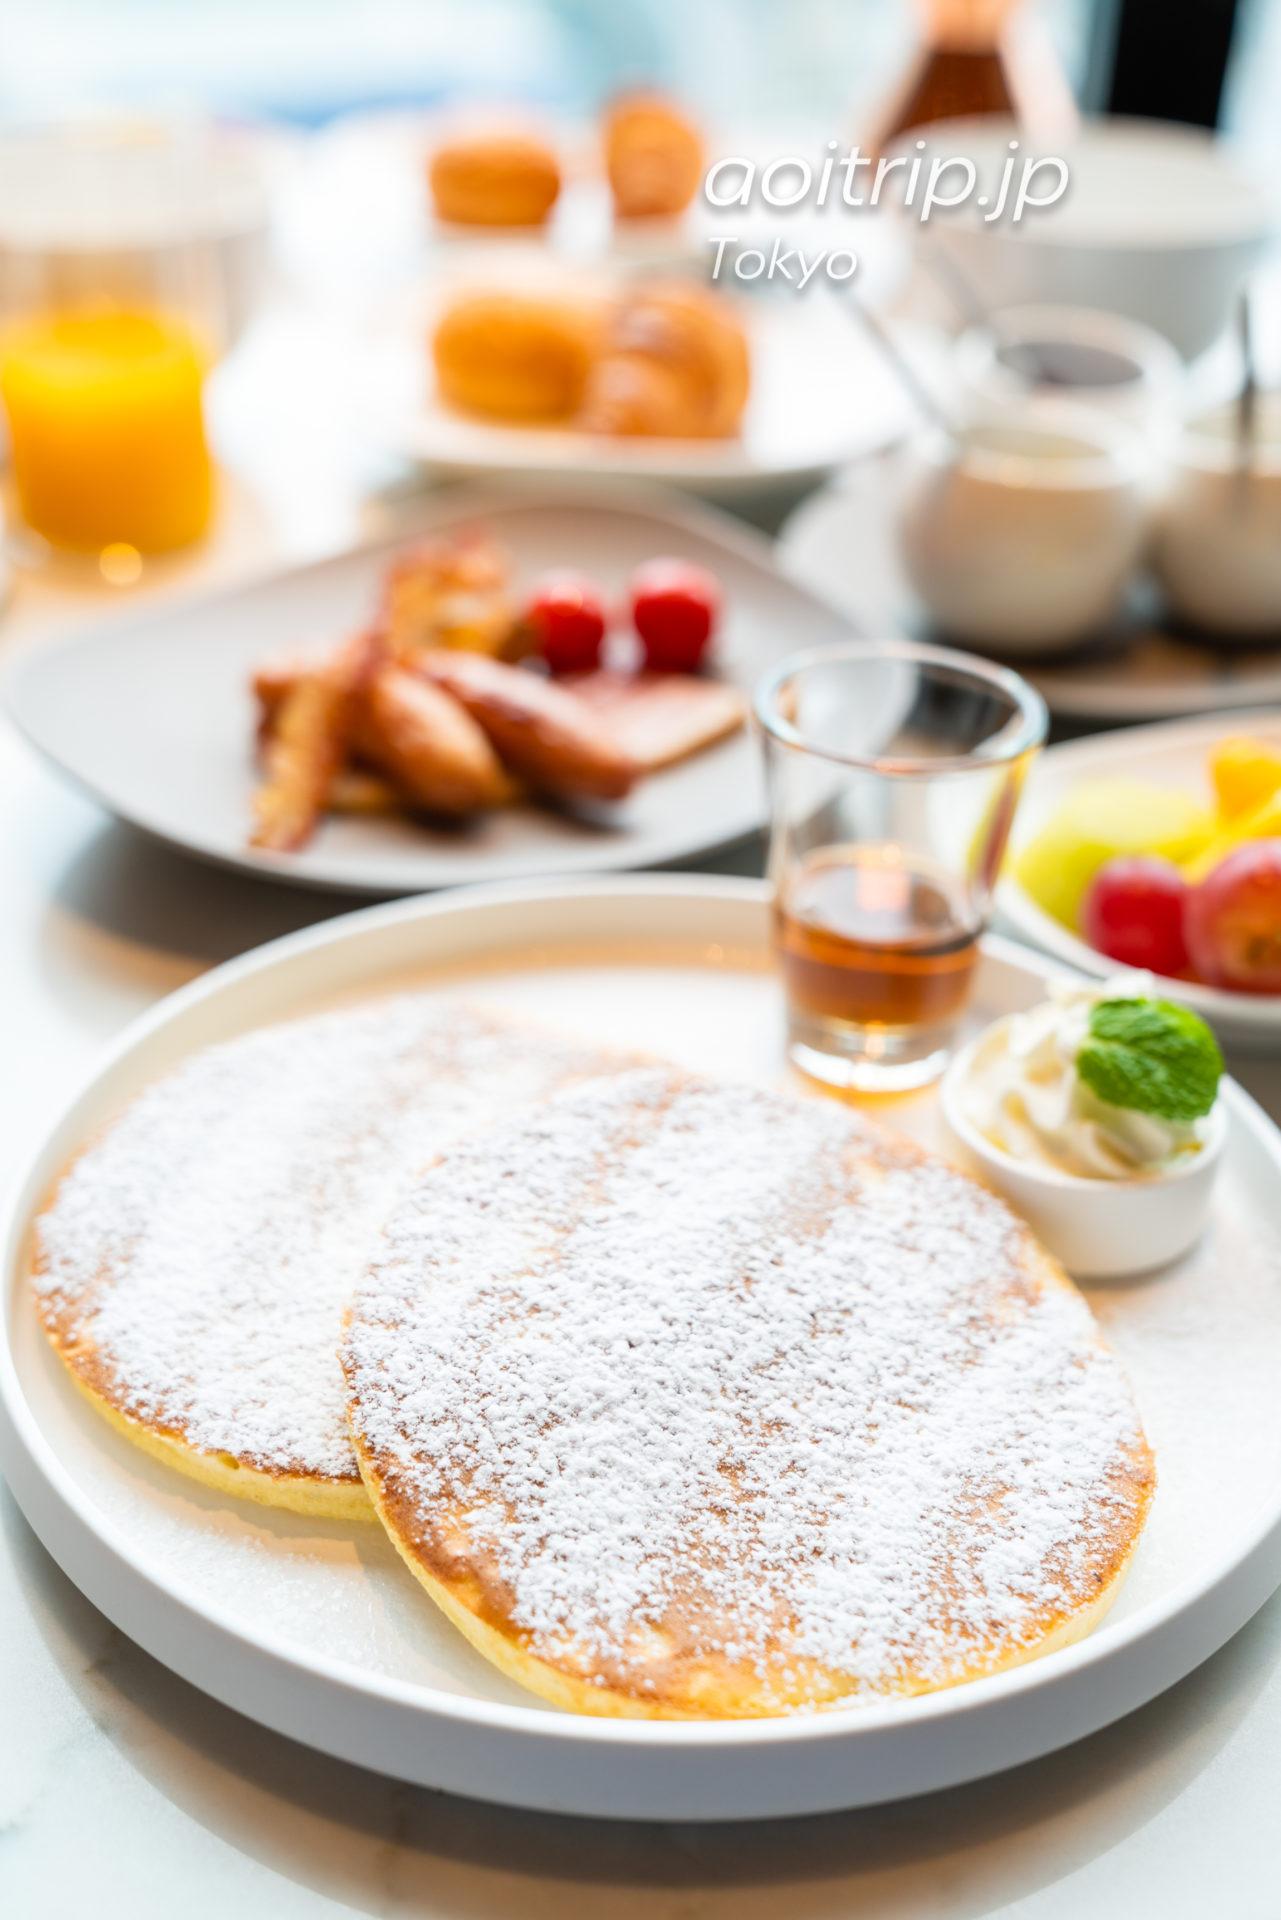 メズム東京のレストラン Chef's Theatre 朝食のリッチパンケーキ メープルシロップ Rich Pancake with maple syrup